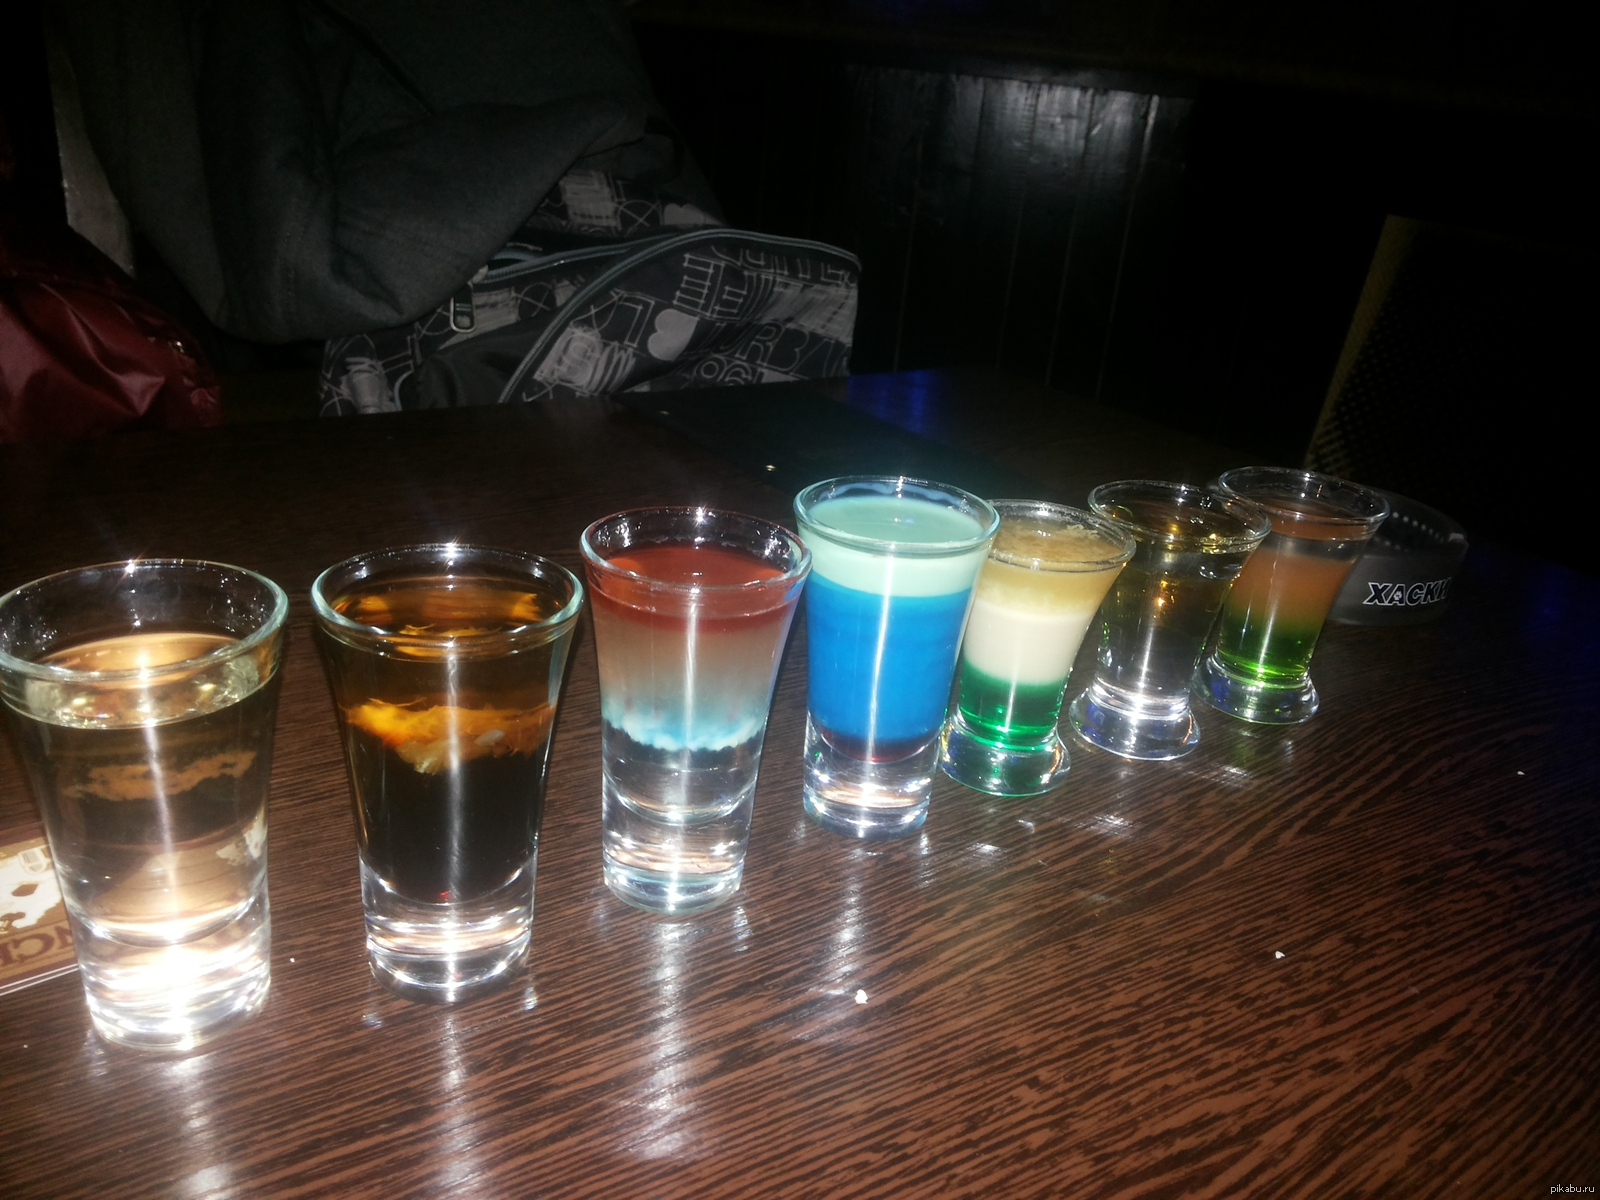 десятилетия применяется фото алкоголя на столе в клубе тому корню восходят